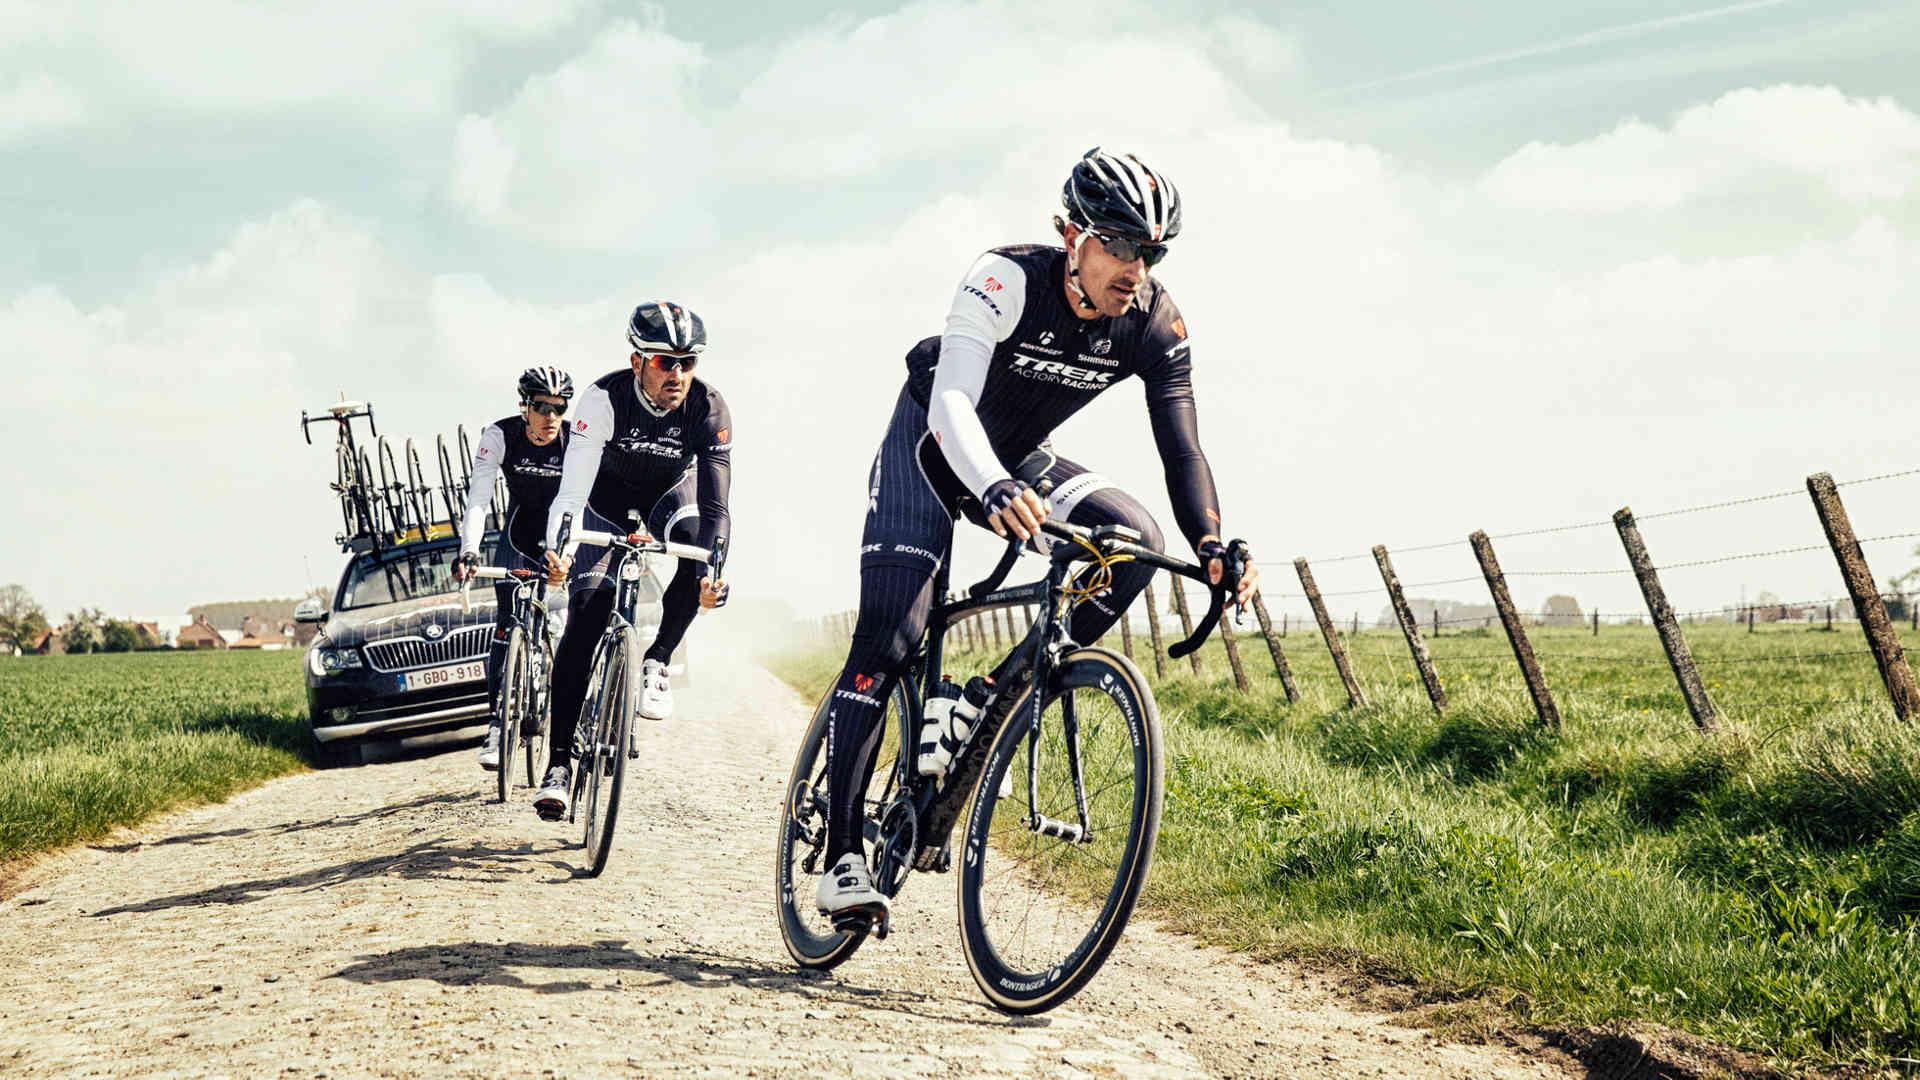 Resultado de imagen para ciclismo de carretera hd